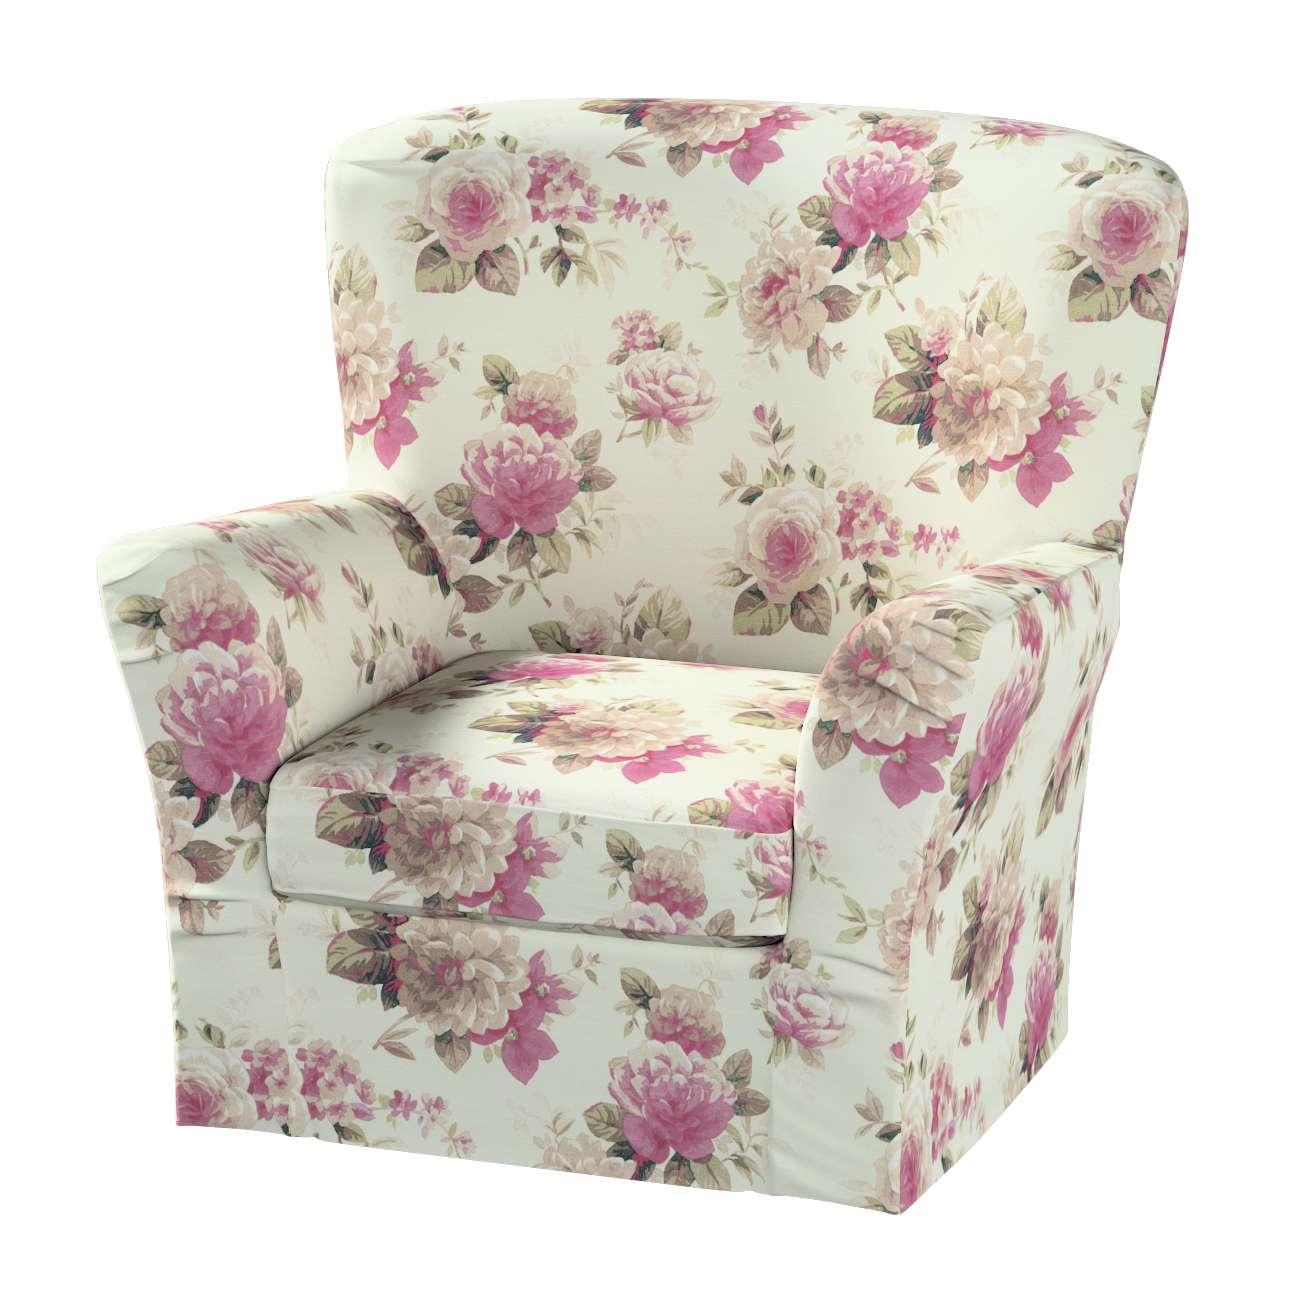 Pokrowiec na fotel Tomelilla z zakładkami fotel Tomelilla w kolekcji Mirella, tkanina: 141-07